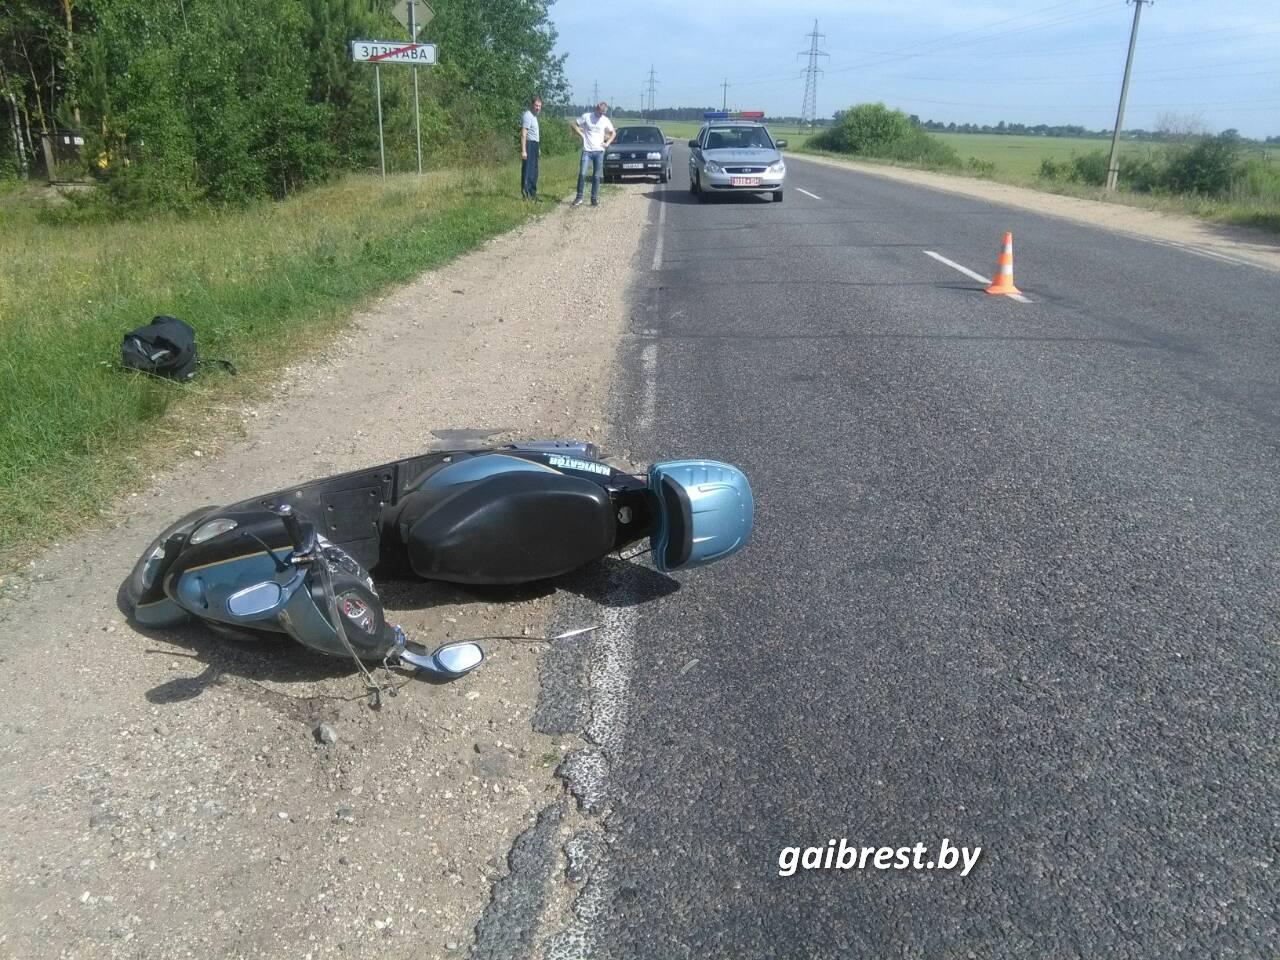 Березовский район: водитель, не имеющий права управления, сбил мопедиста и скрылся с места ДТП